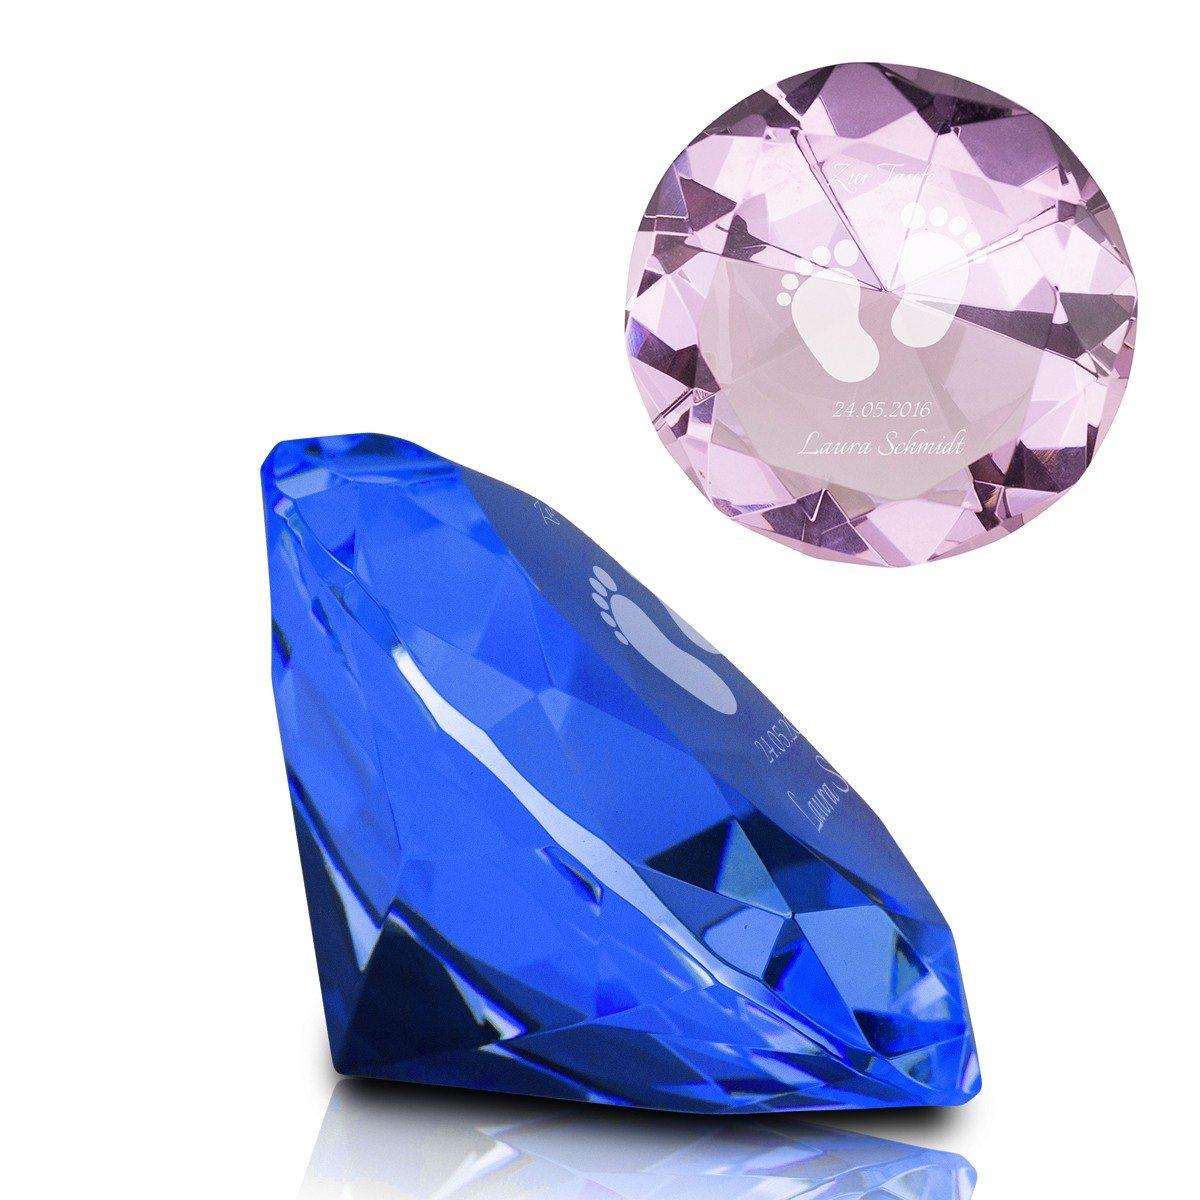 Kristall-Diamant mit Gravur zur Geburt